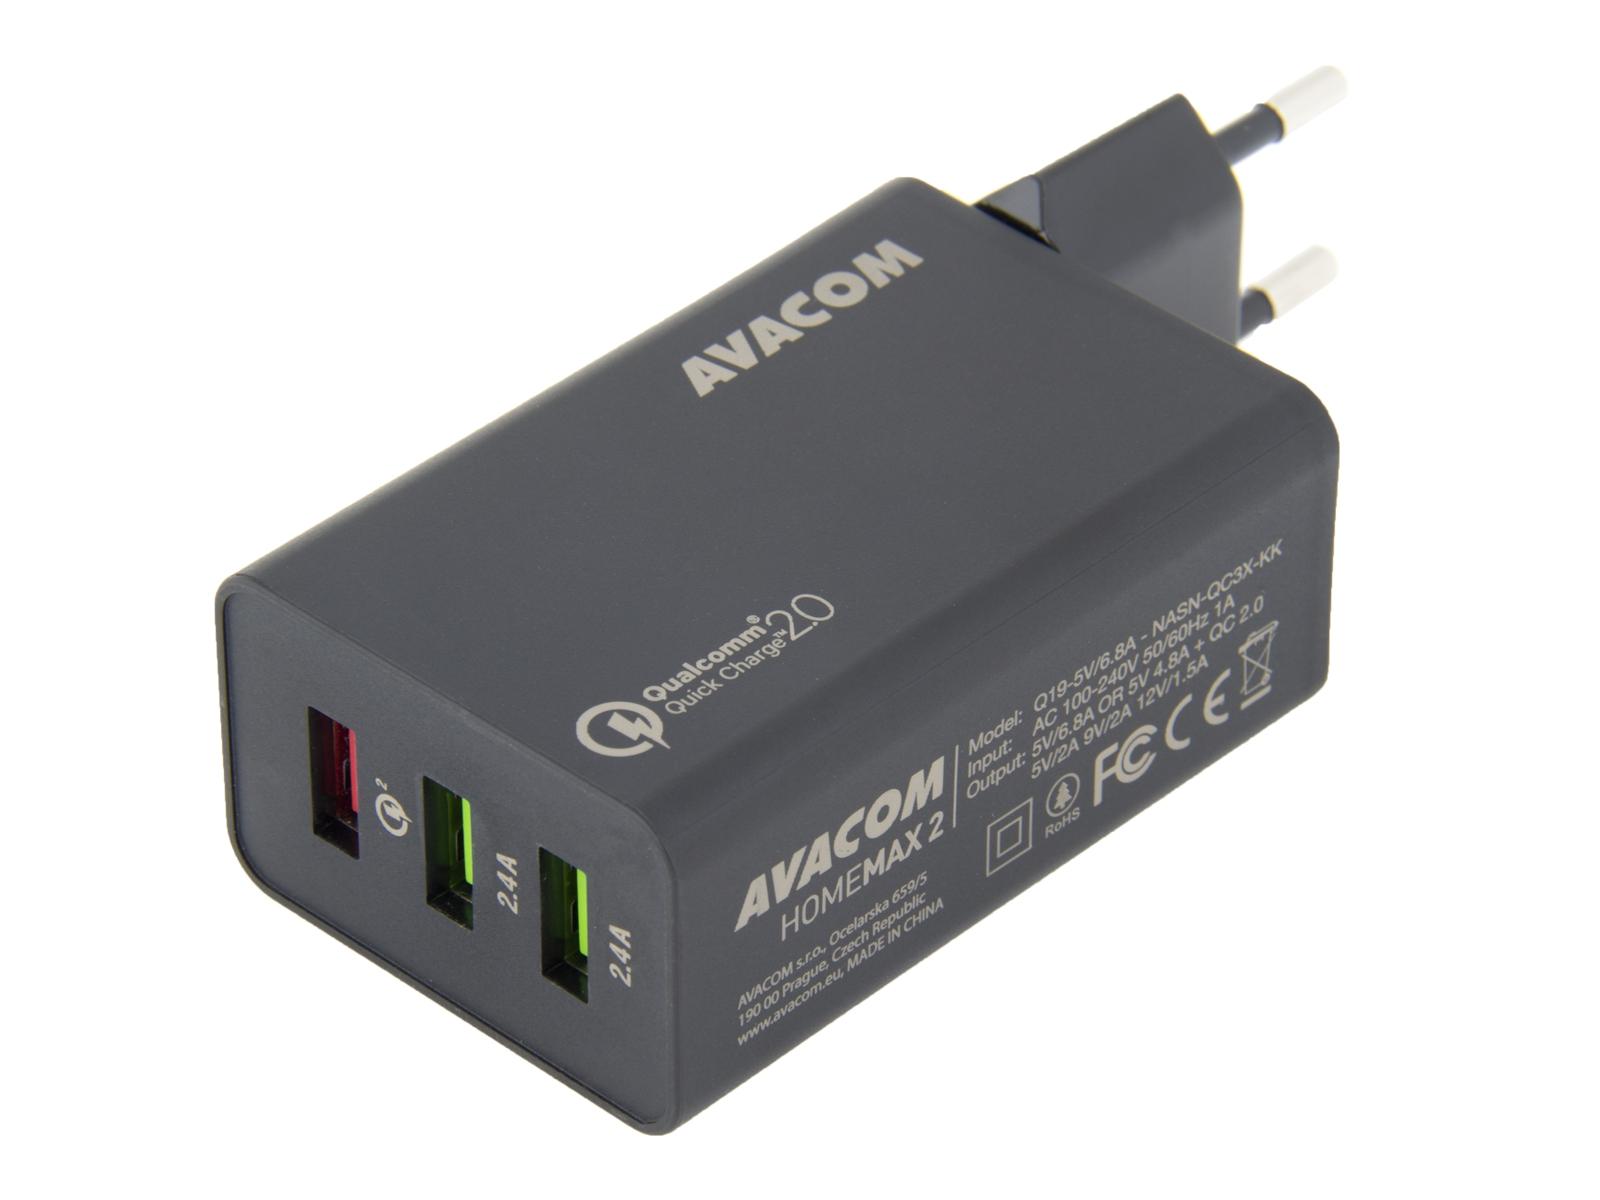 AVACOM HomeMAX 2 síťová nabíječka s Qualcomm Quick Charge 2.0, 3x USB výstup, černá